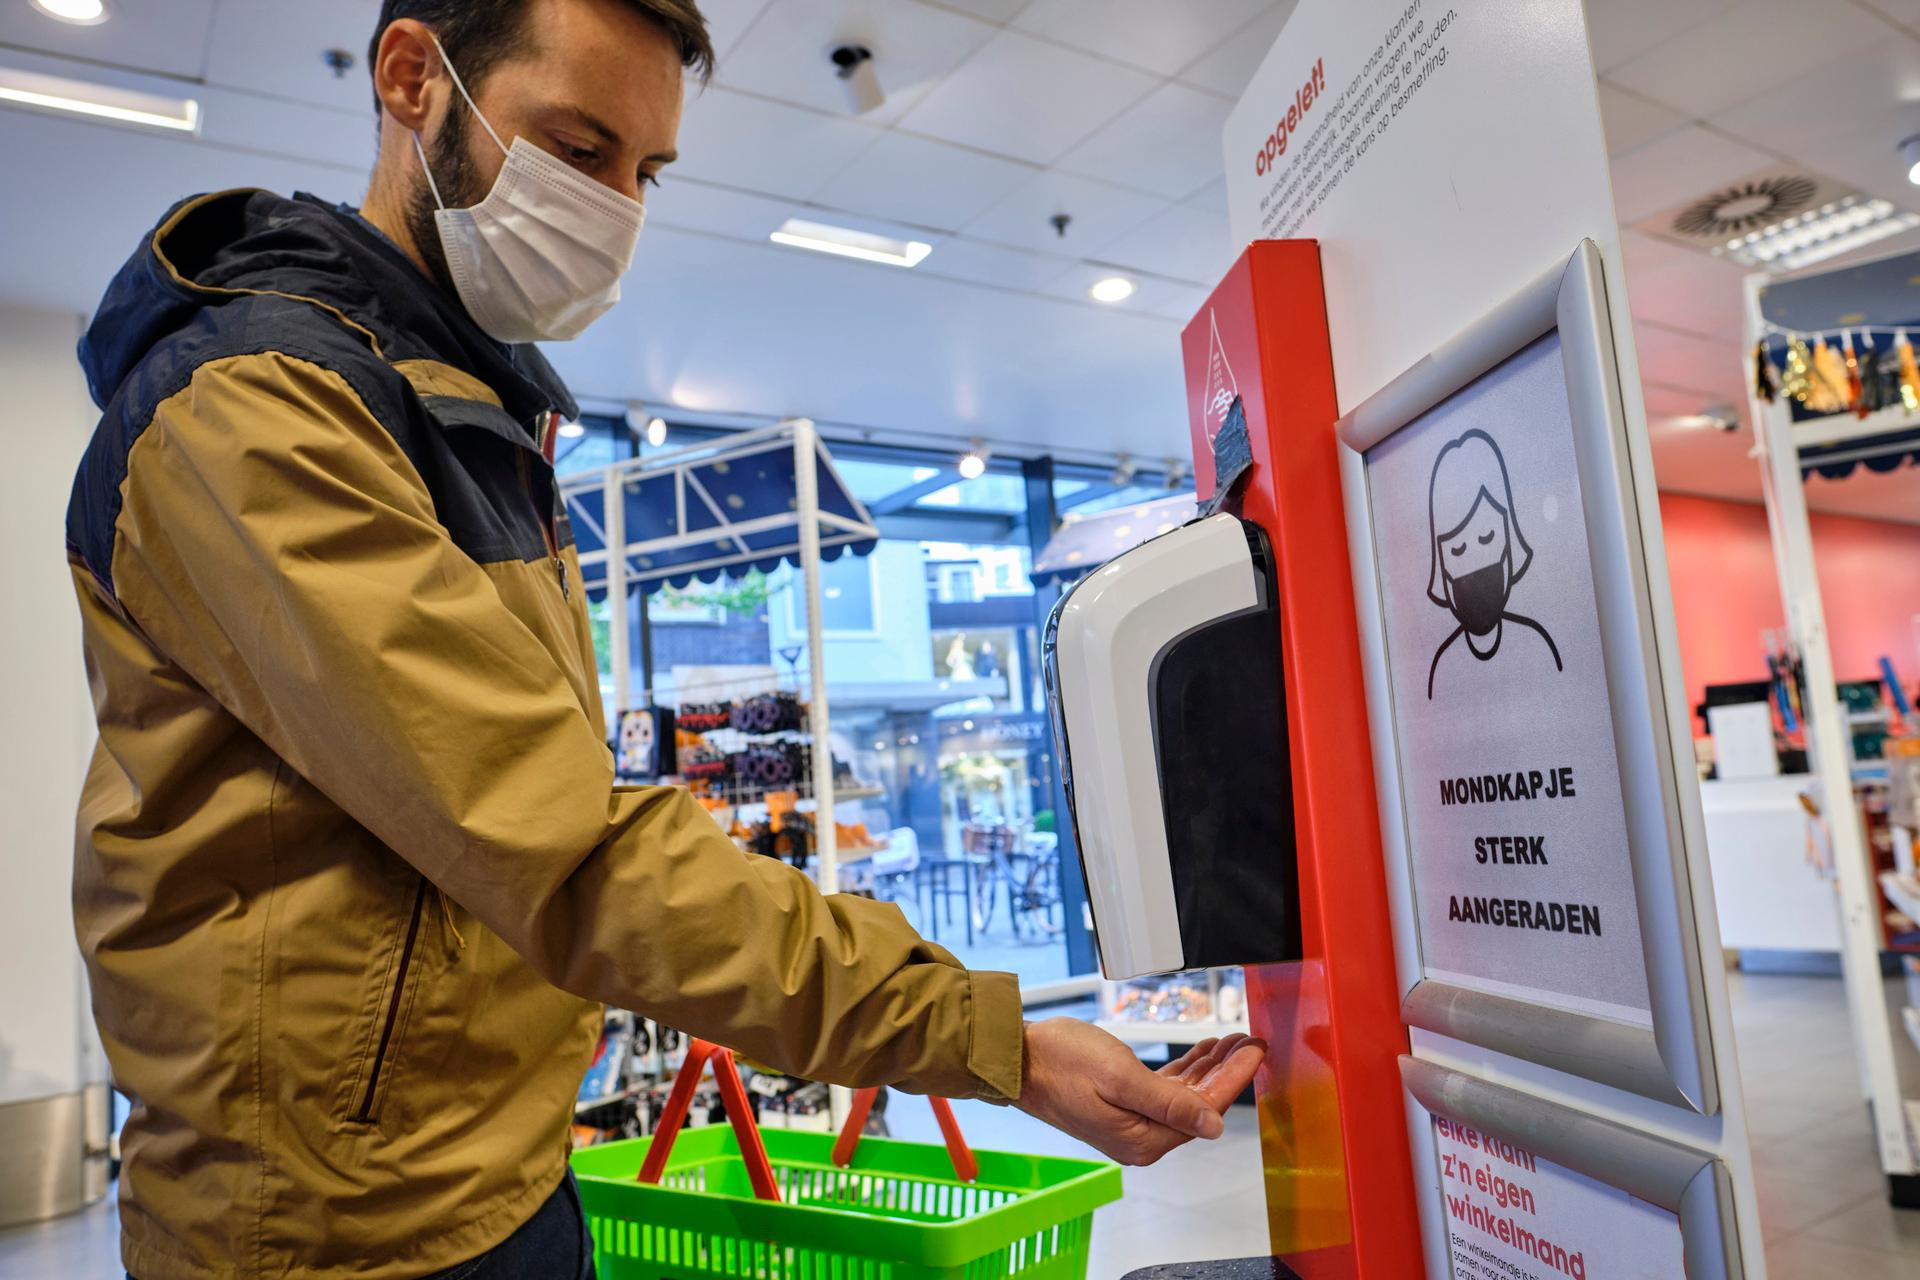 Shoppende klant ontsmet zijn handen in een winkel